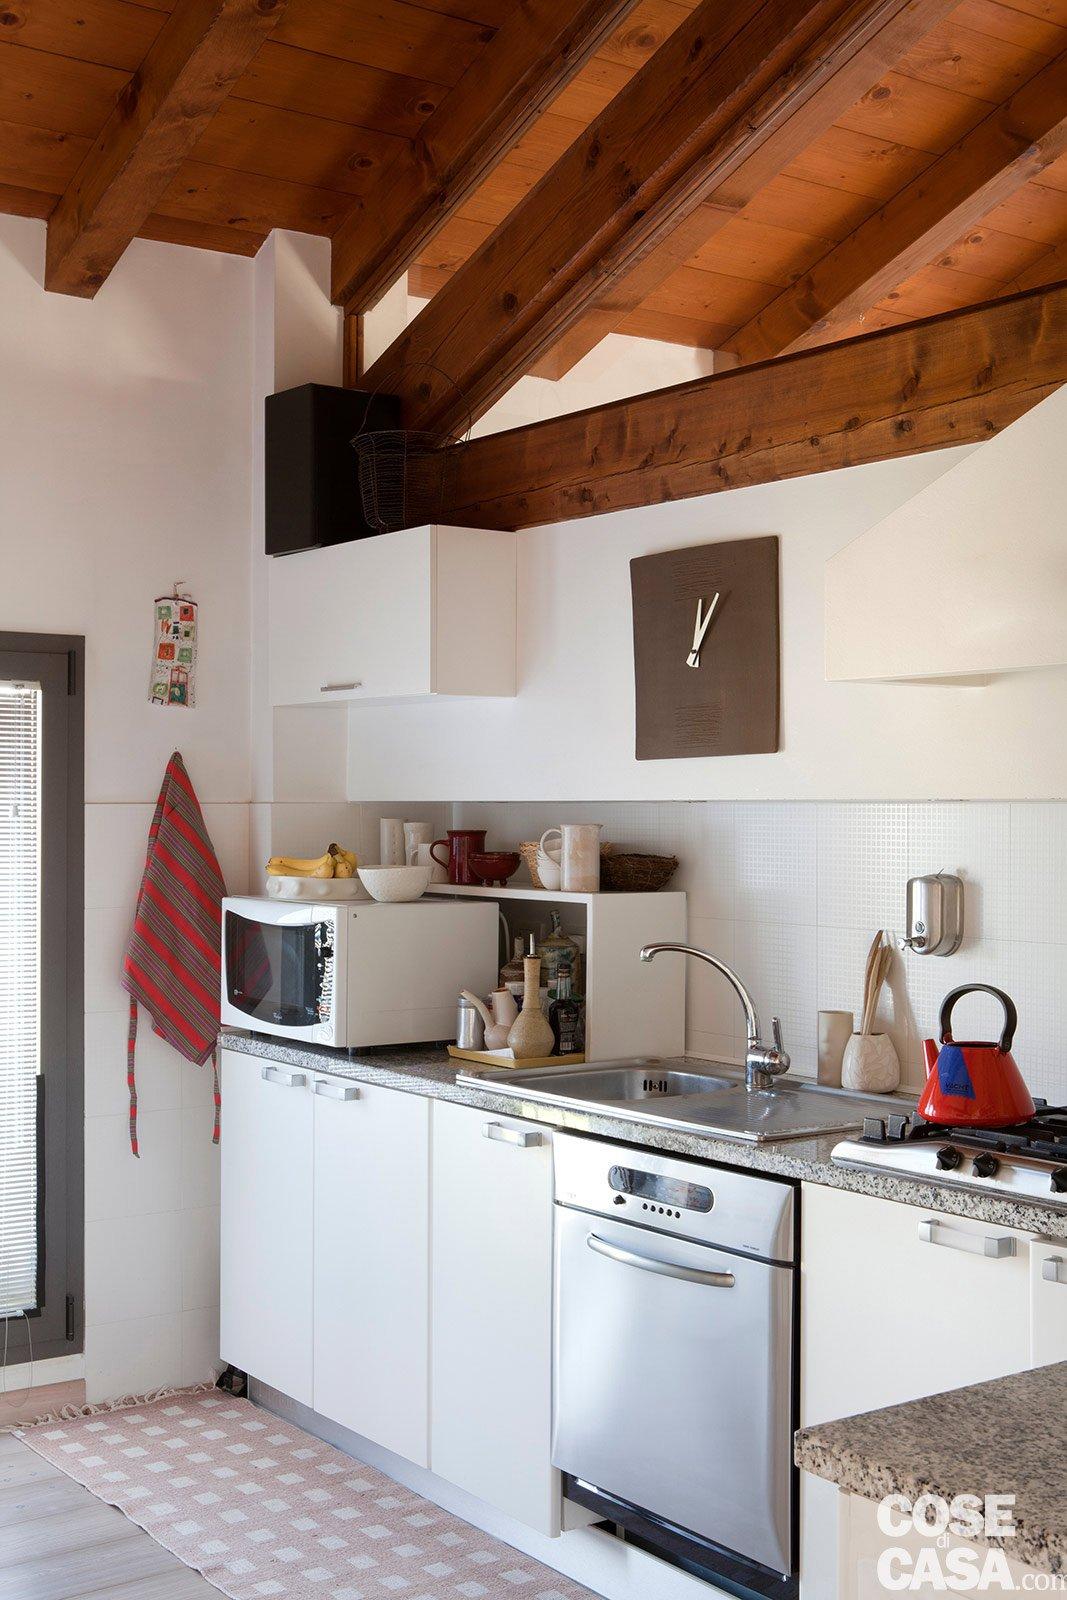 Di Muro Dipinta Di Verde Spezza Le Tonalità Calde Con Una Nota Di #703818 1067 1600 Piccole Cucine A Ferro Di Cavallo